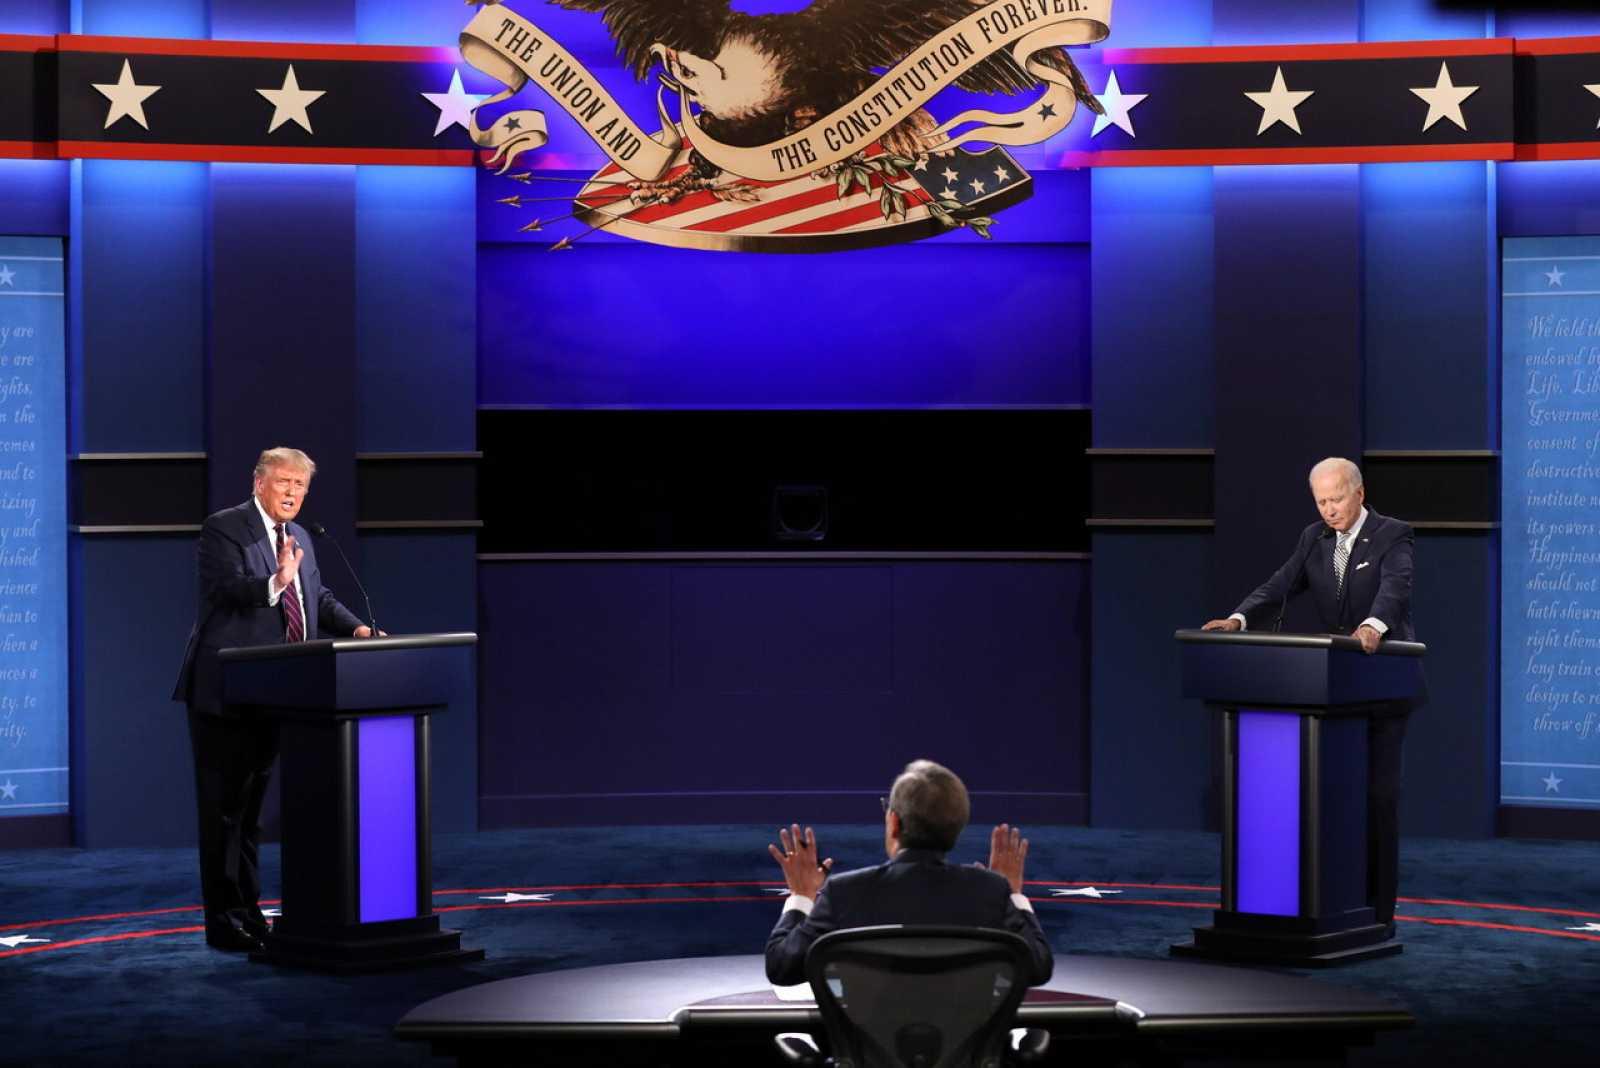 El moderador Chris Wallace intenta evitar que el presidente estadounidense Donald Trump interrumpa al candidato presidencial demócrata Joe Biden durante el primer debate de las elecciones presidenciales de 2020.